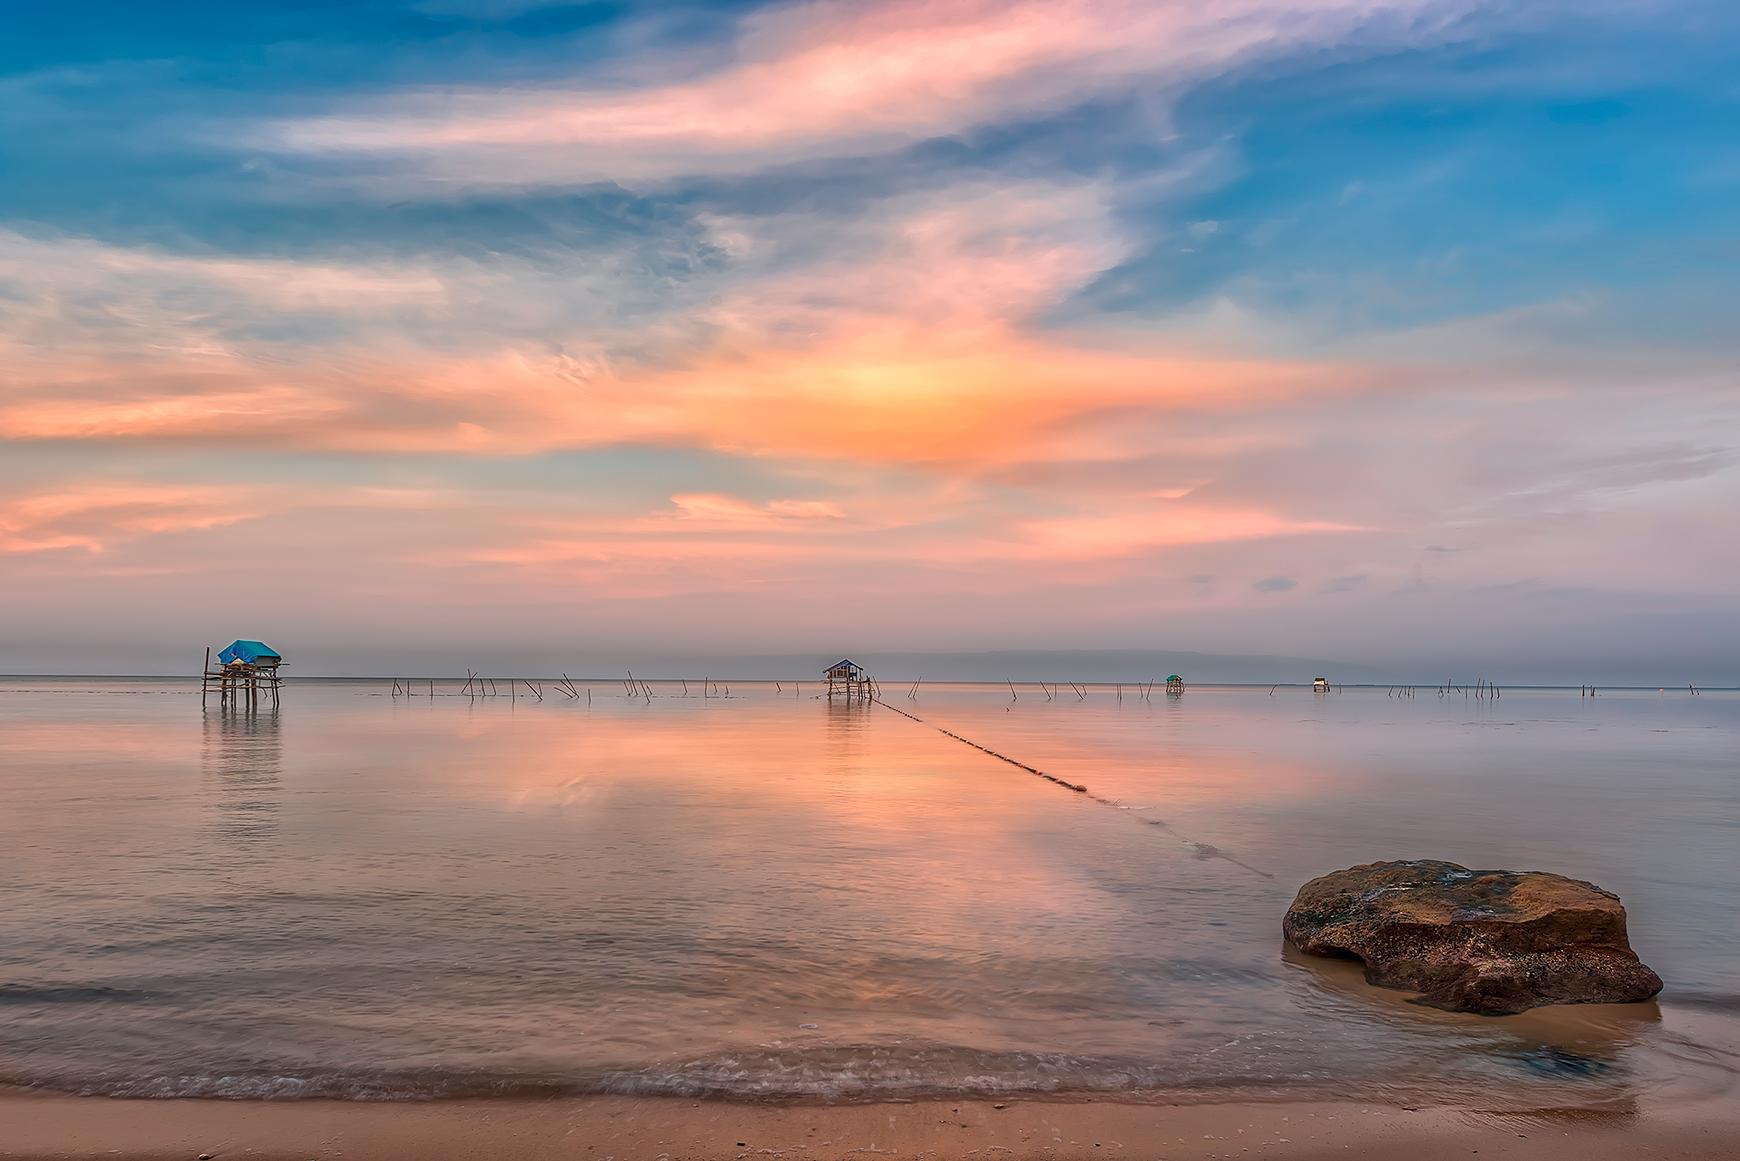 Остров Фукуок Вьетнам январь 2017.морской,пейзаж,путешествия,вьетнам,закат,